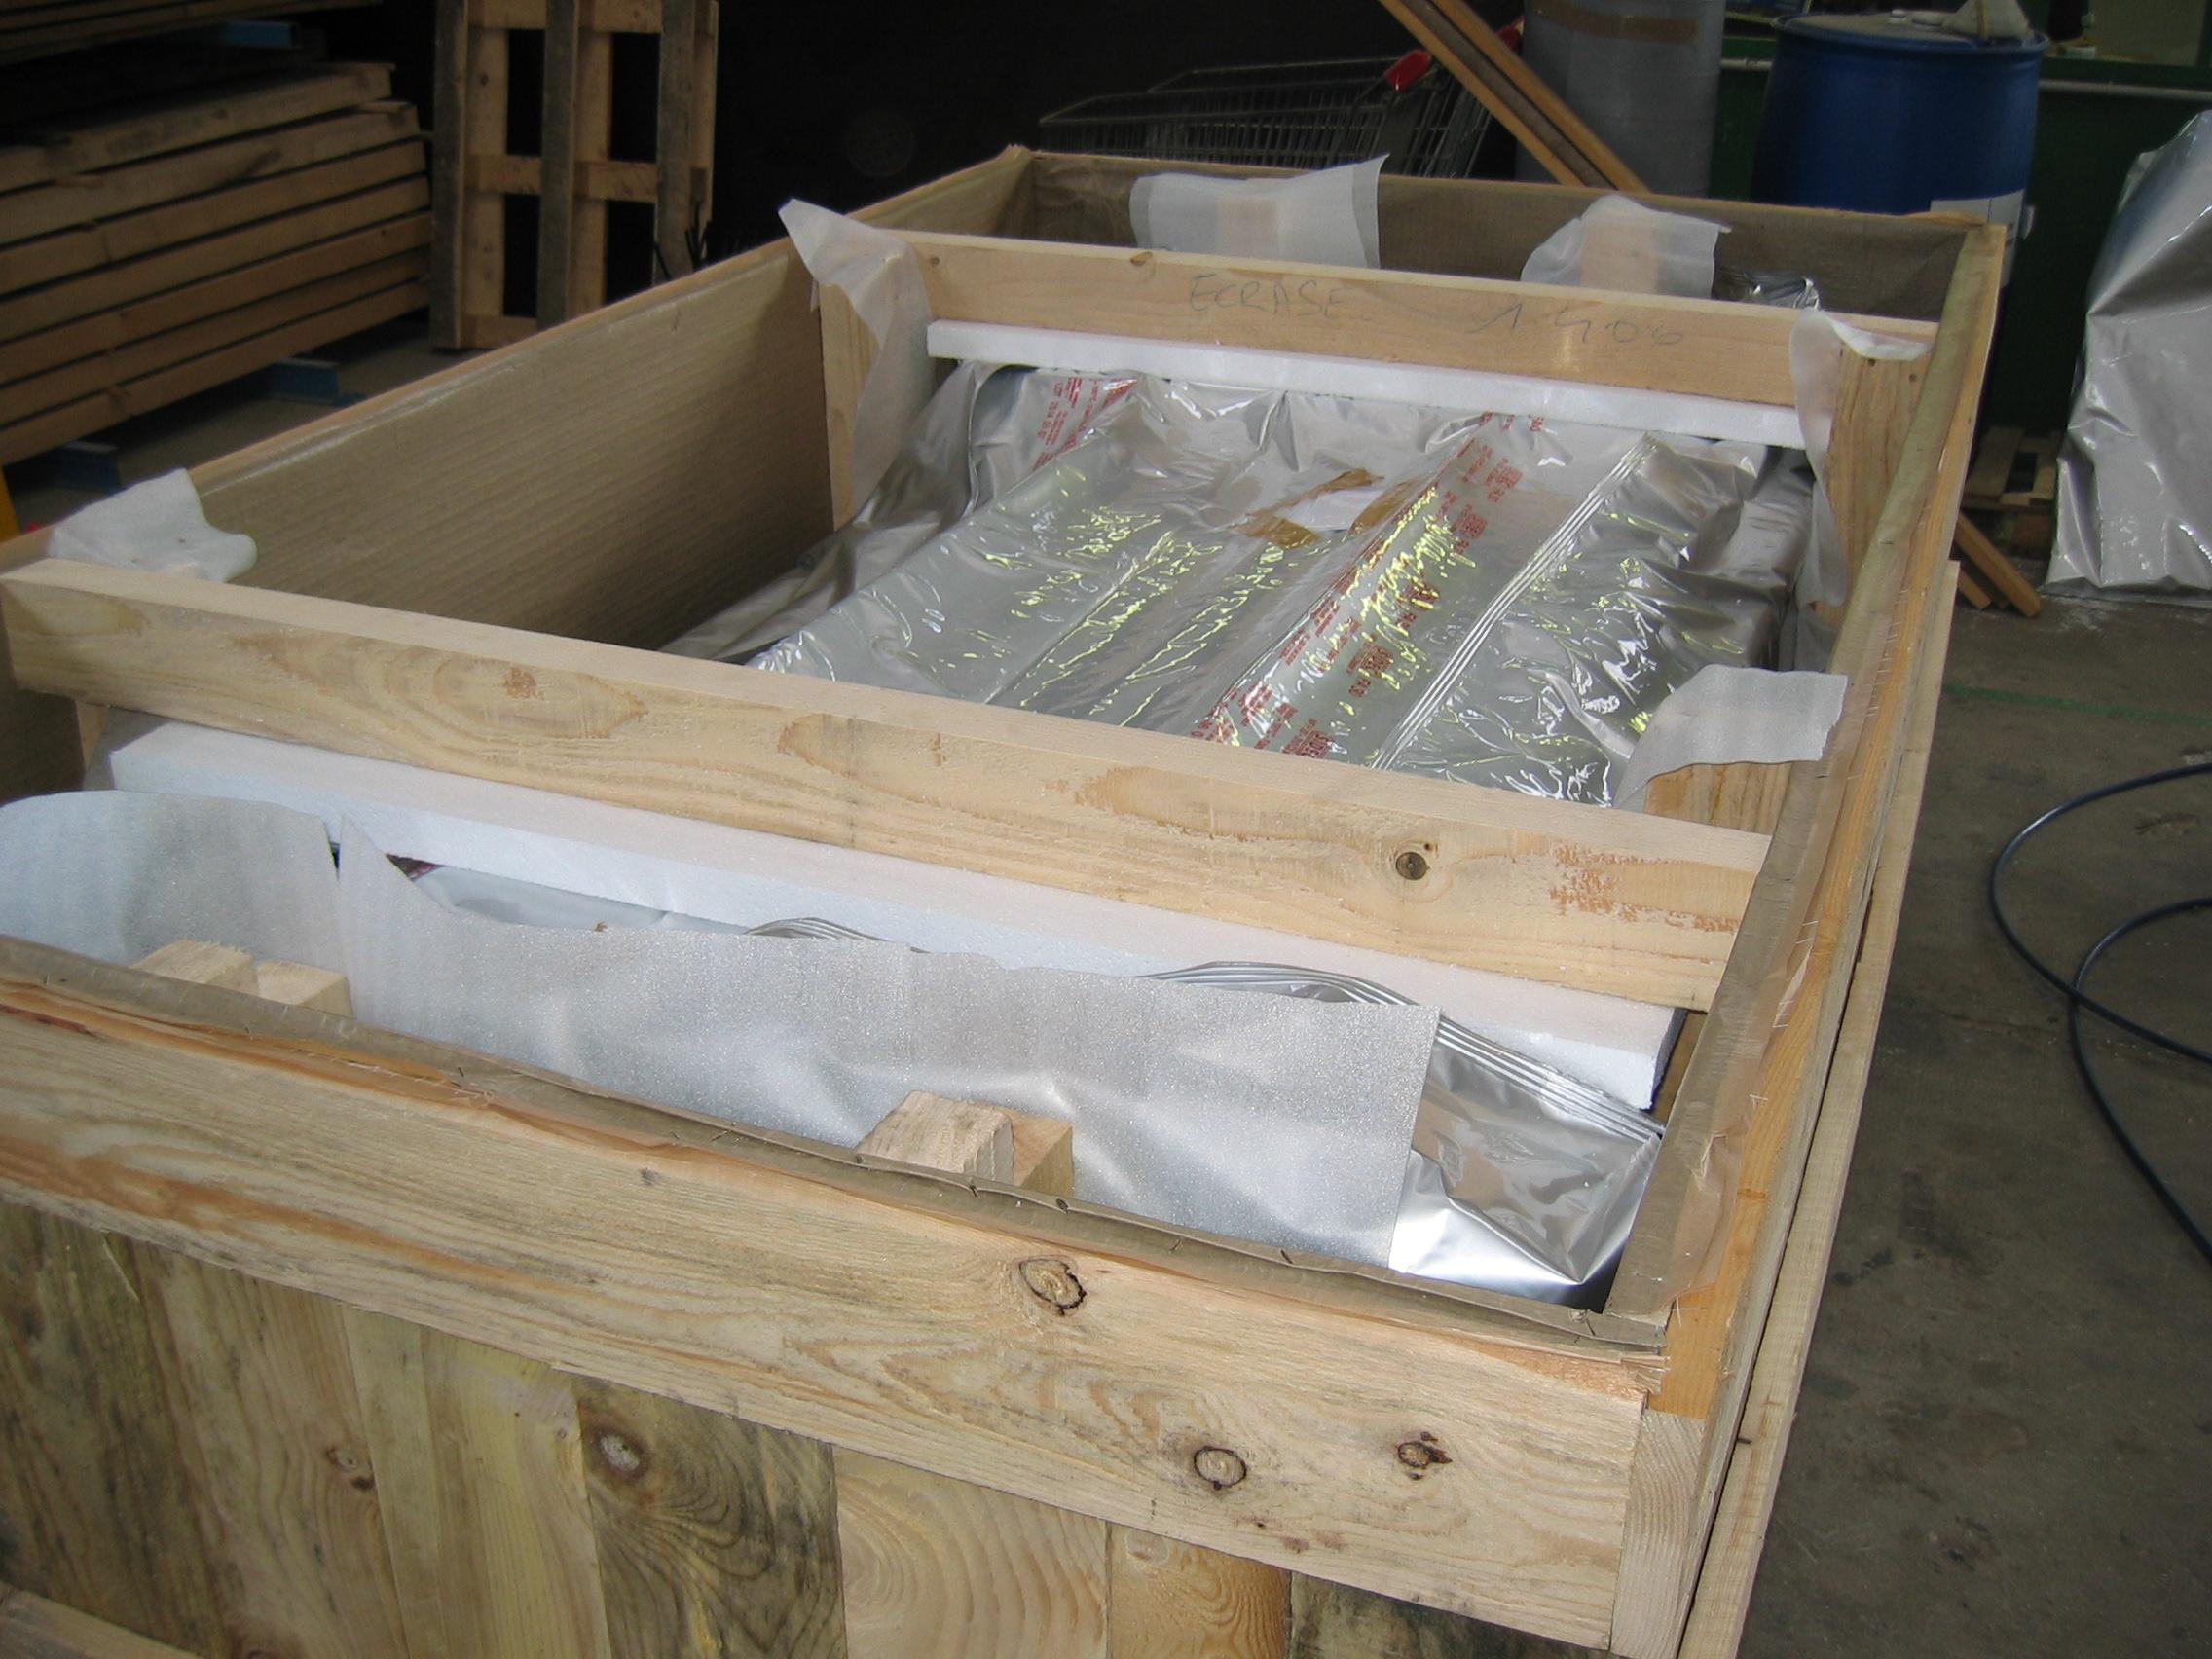 Préparation d'emballage catégorie 4C - lagreulet emballage (2)